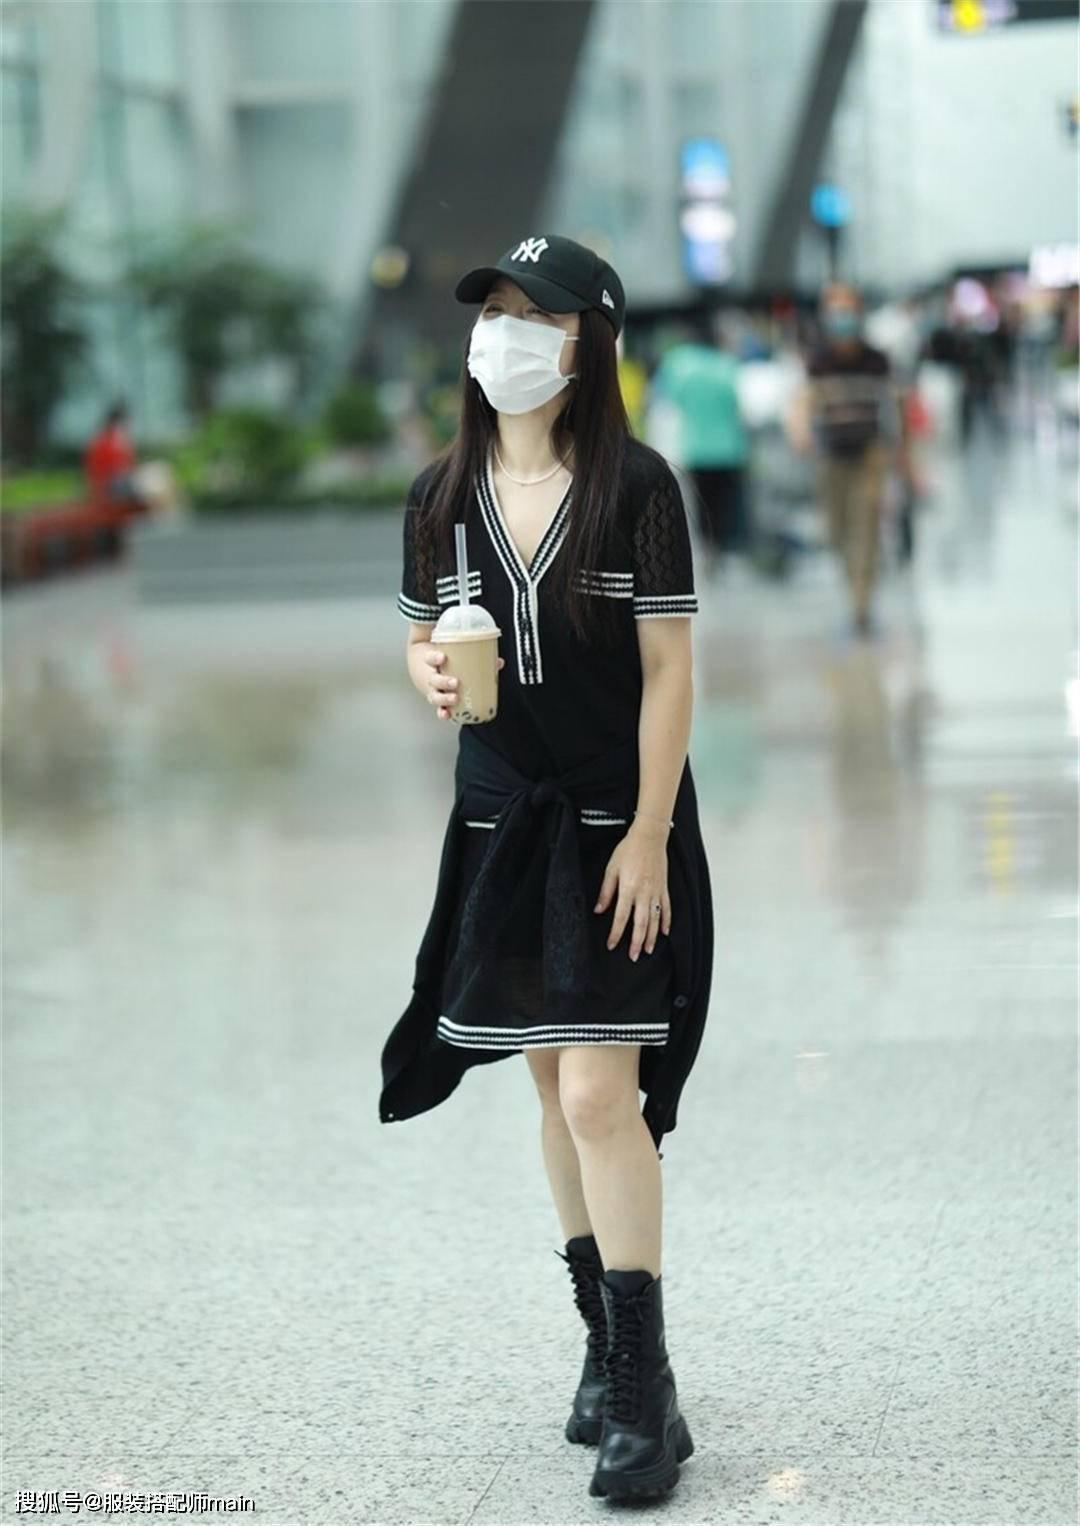 奔五的杨钰莹越长越嫩,V领连衣裙简约不失时尚,笑容甜美气质佳